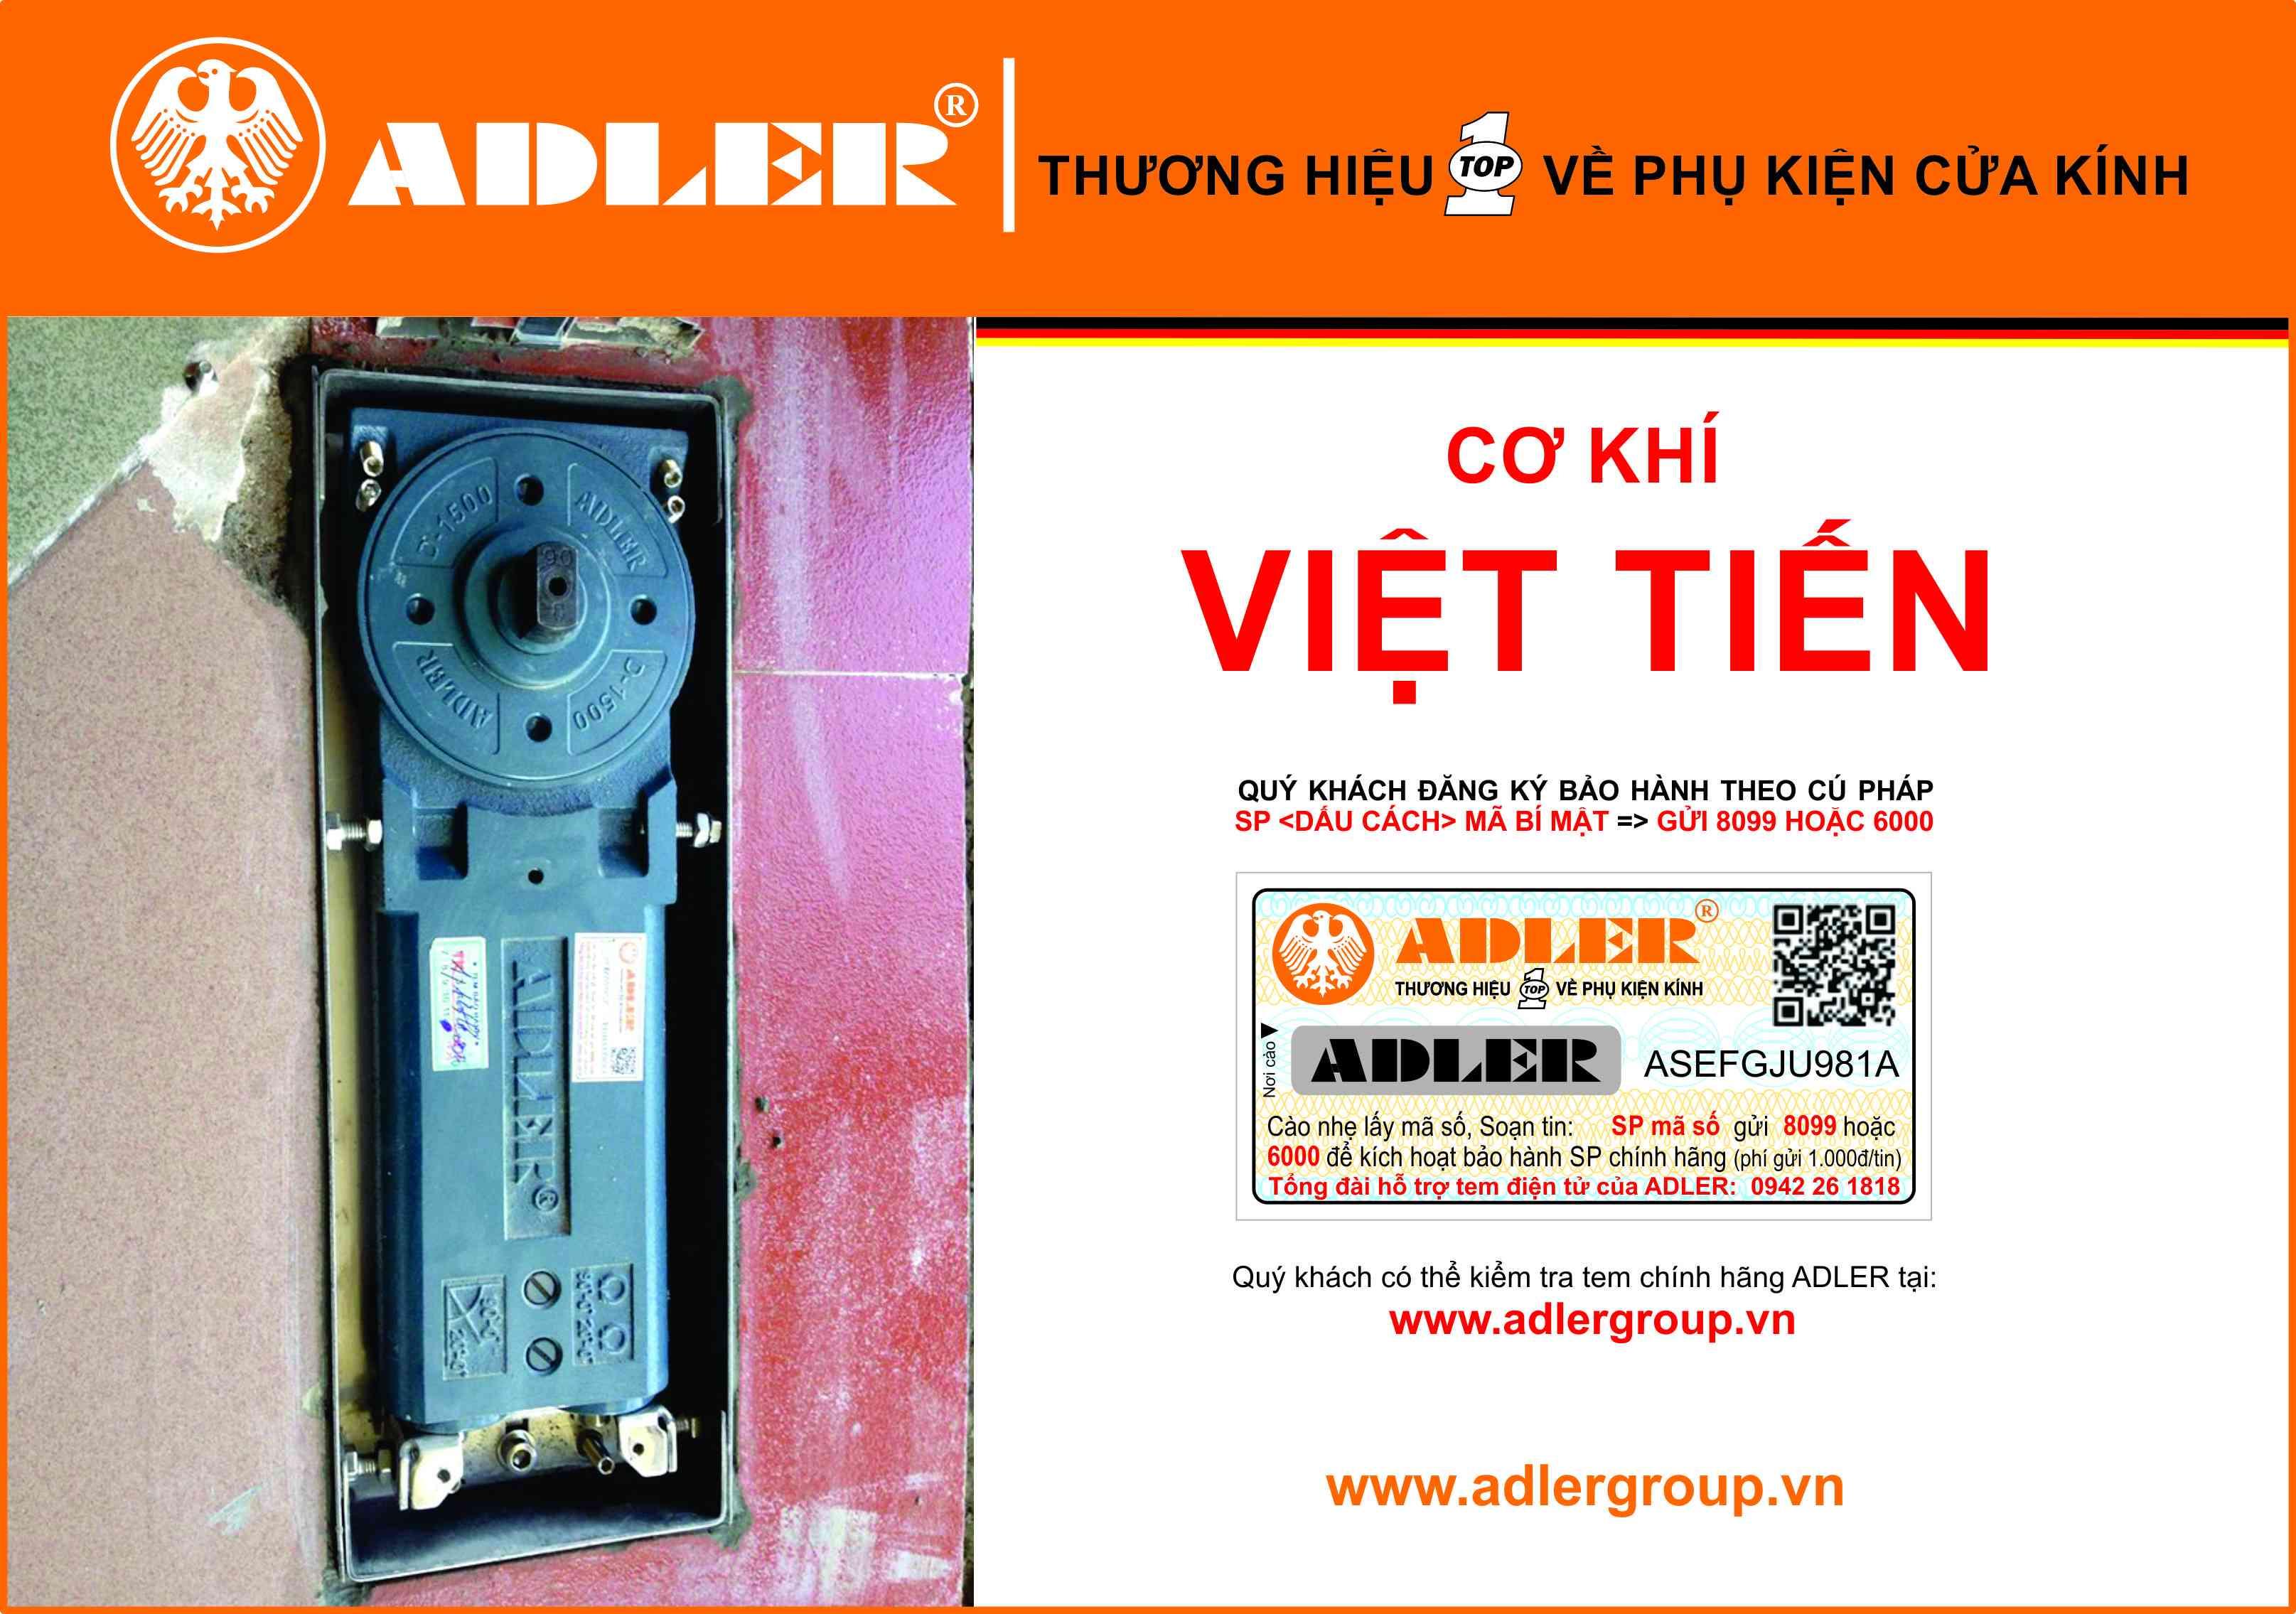 Bản lề sàn Adler nằm chắc chắn dưới sự lắp đặt của Cơ khí Việt Tiến